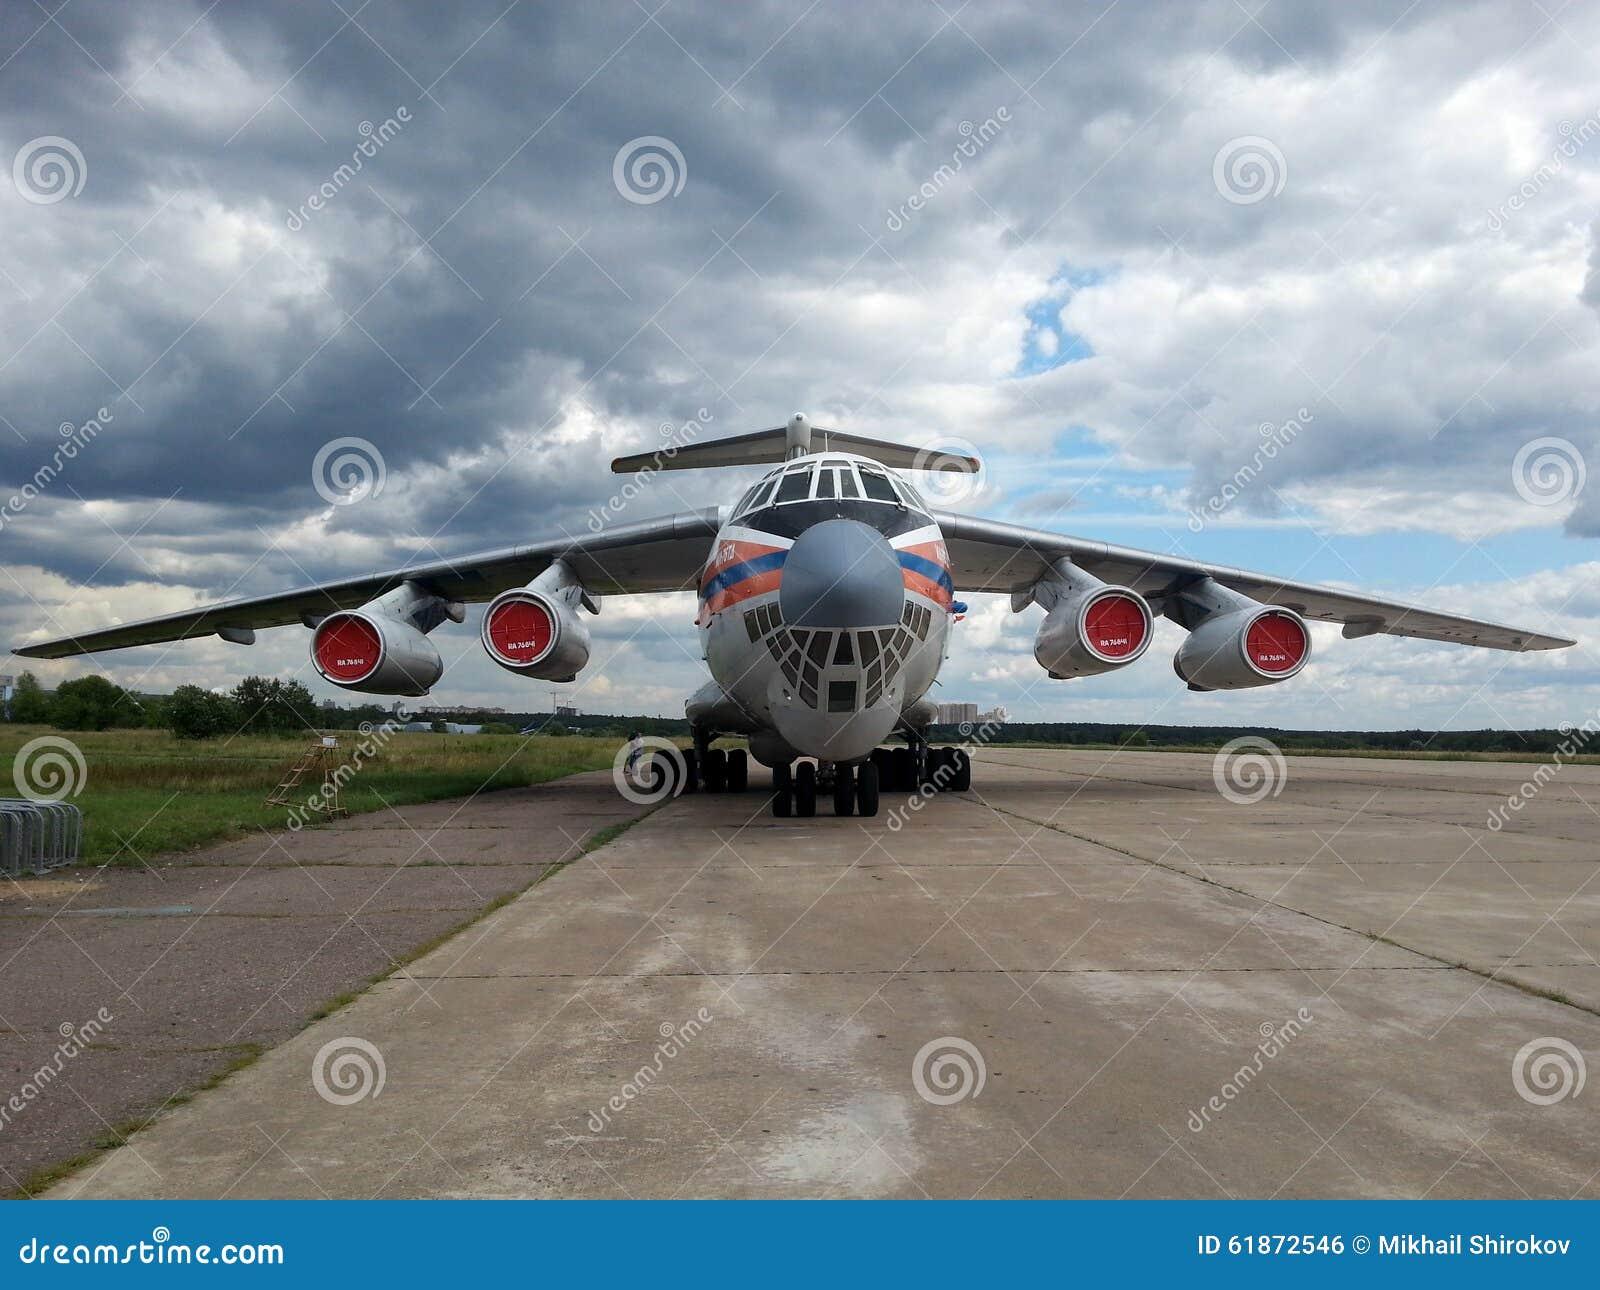 Les avions stratégiques universels militaires russes Ilyushin Il-76